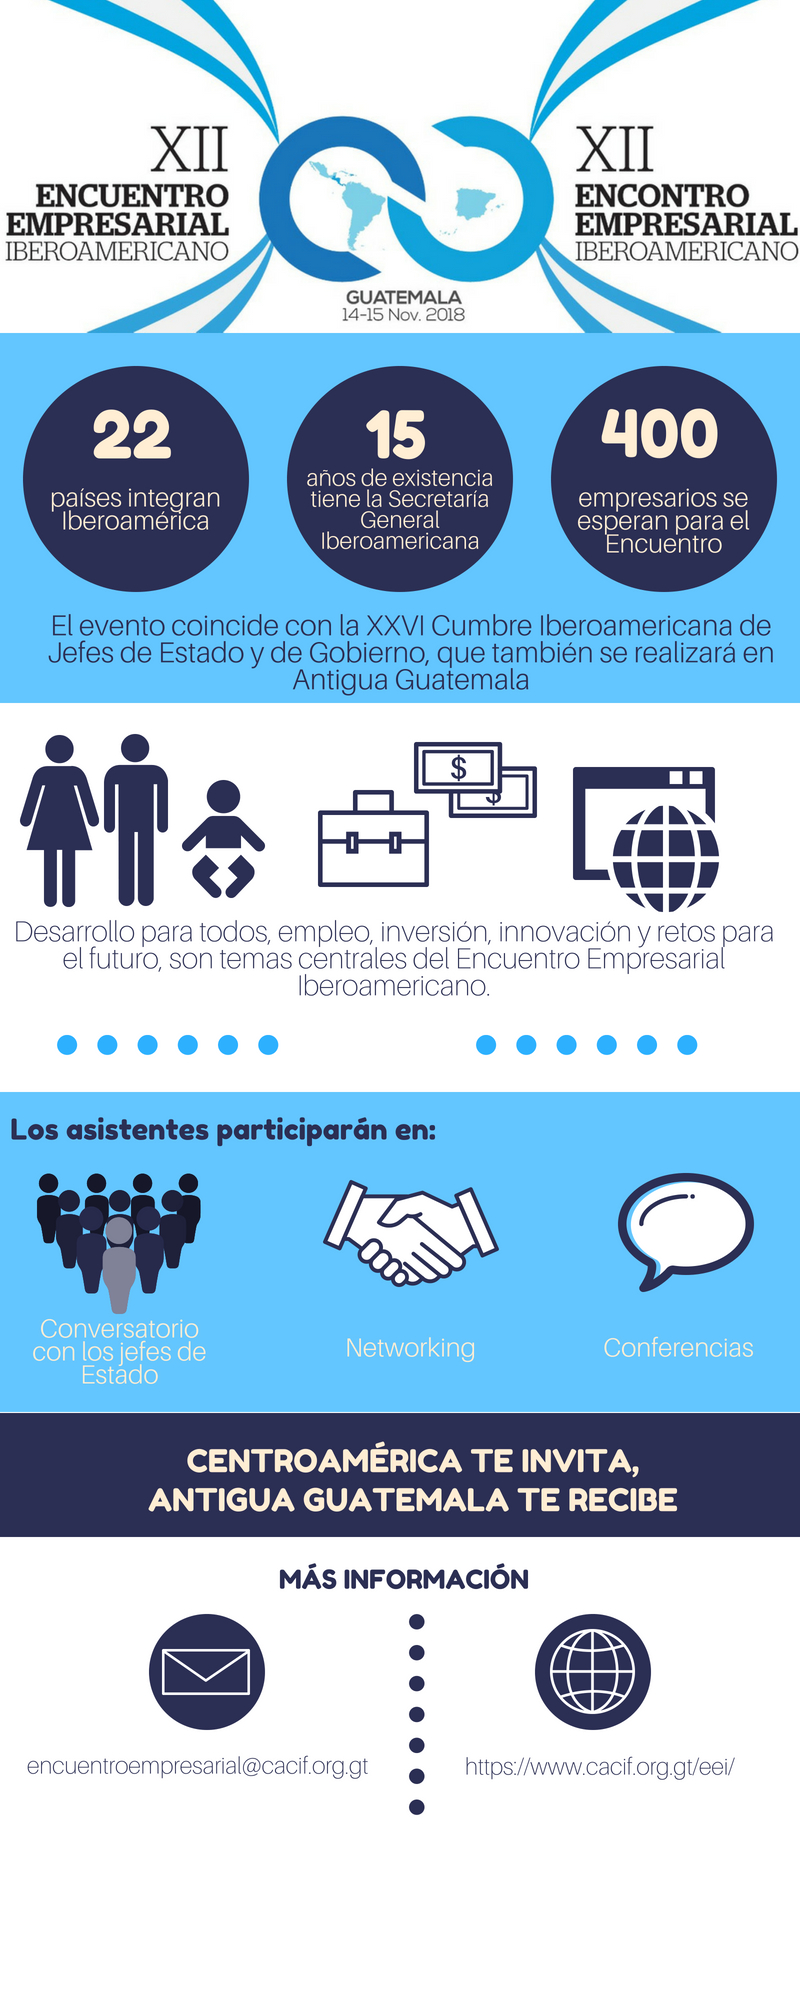 Conoce más sobre el Encuentro Empresarial iberoamericano.jpg